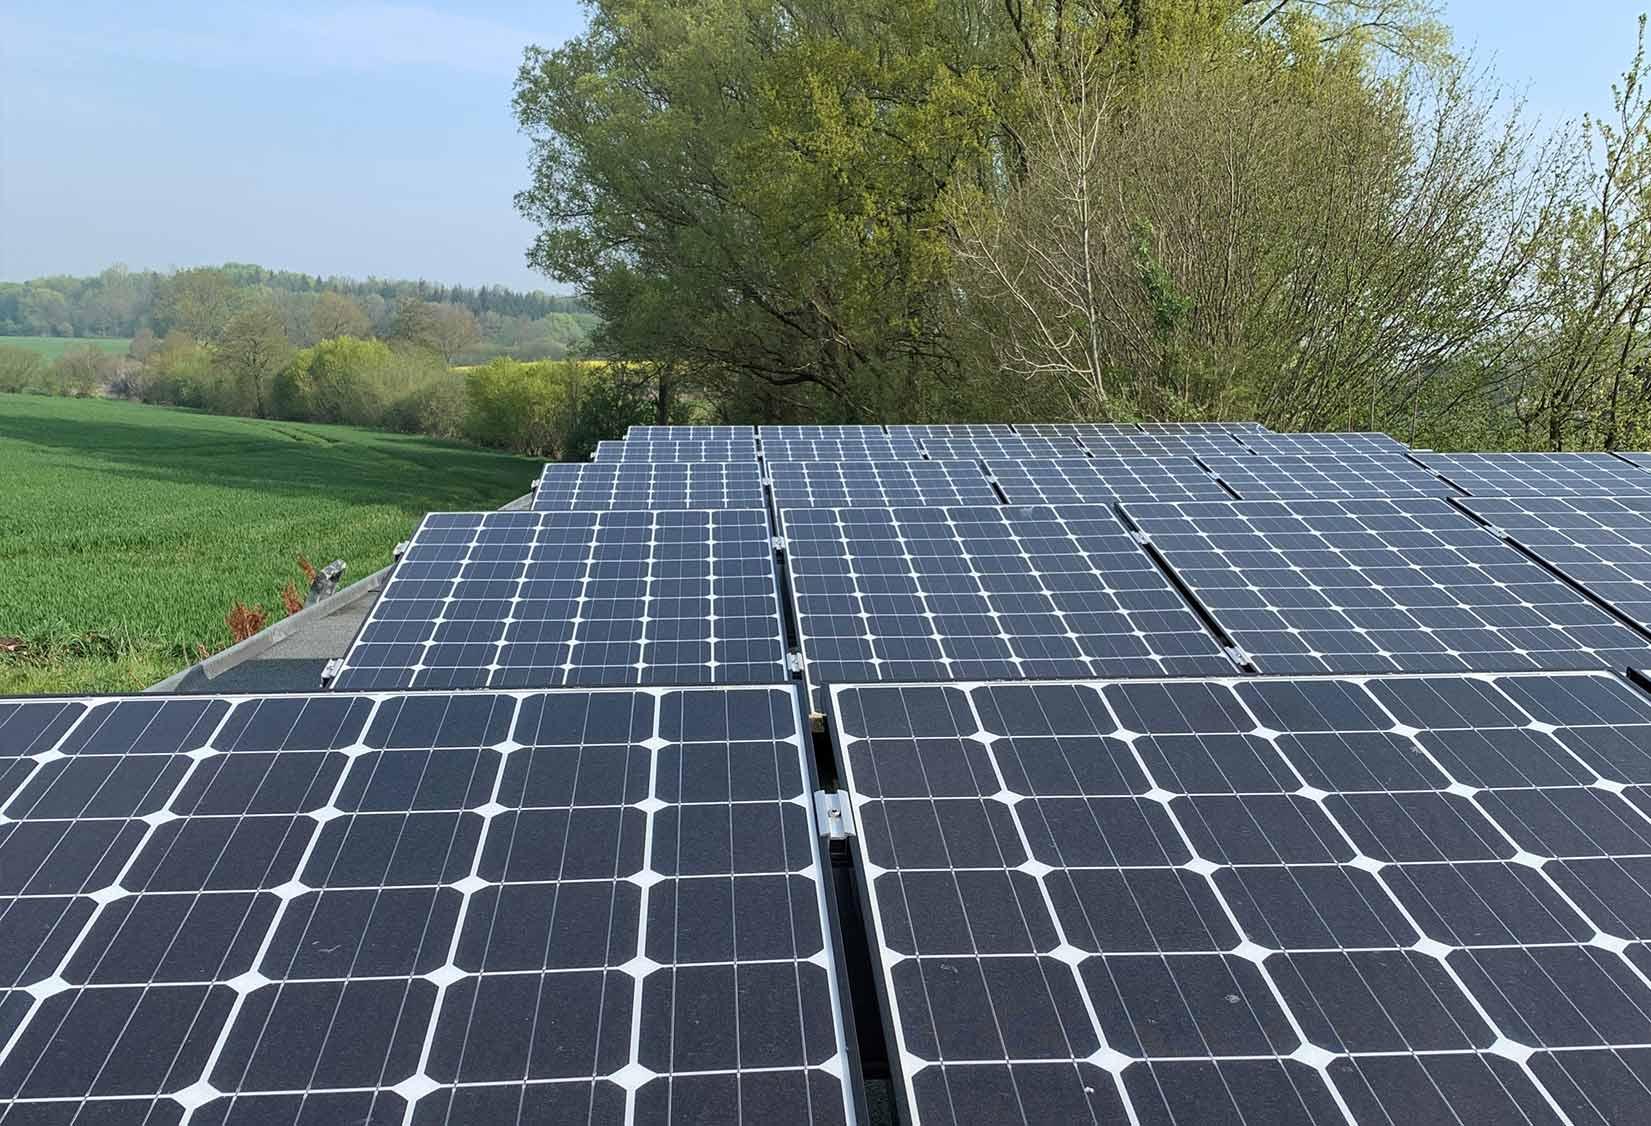 Erneuerbare energien solarzellen baum hamburg